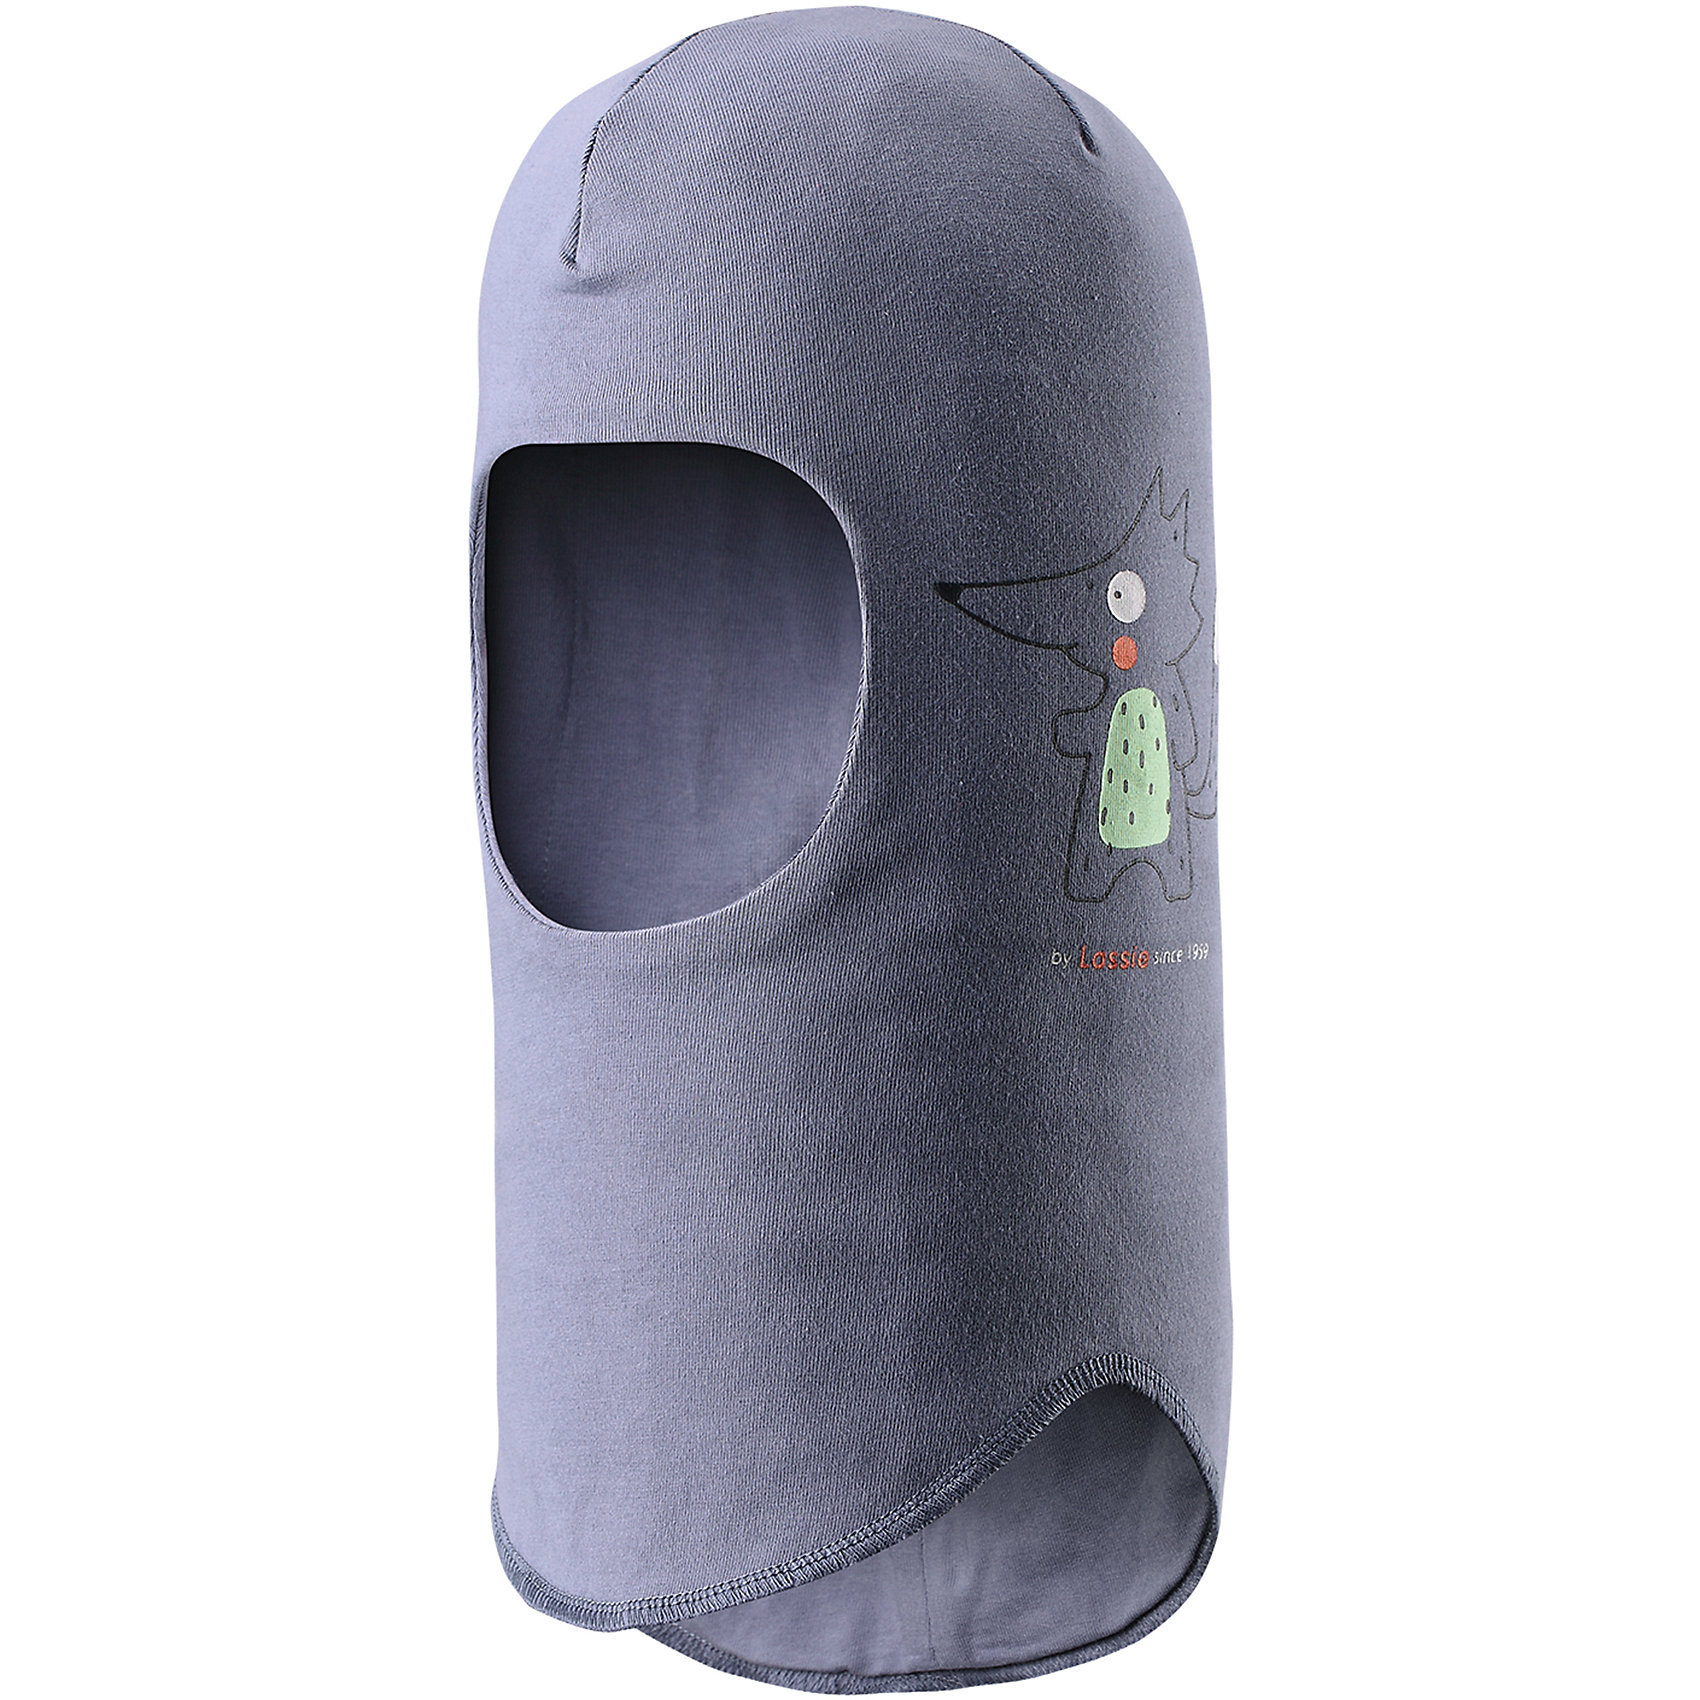 Шапка-шлем LASSIEШапка-шлем LASSIE<br>Состав:<br>97% Хлопок, 3%  эластан<br> Шапка-шлем для малышей.<br> Легкий и удобный трикотаж.<br> Сплошная подкладка: смесь хлопка jersey.<br> Декоративная эмблема.<br> Принт по всей поверхности.<br><br>Ширина мм: 89<br>Глубина мм: 117<br>Высота мм: 44<br>Вес г: 155<br>Цвет: серый<br>Возраст от месяцев: 36<br>Возраст до месяцев: 60<br>Пол: Унисекс<br>Возраст: Детский<br>Размер: 44-46,46-48,50-52<br>SKU: 5264705